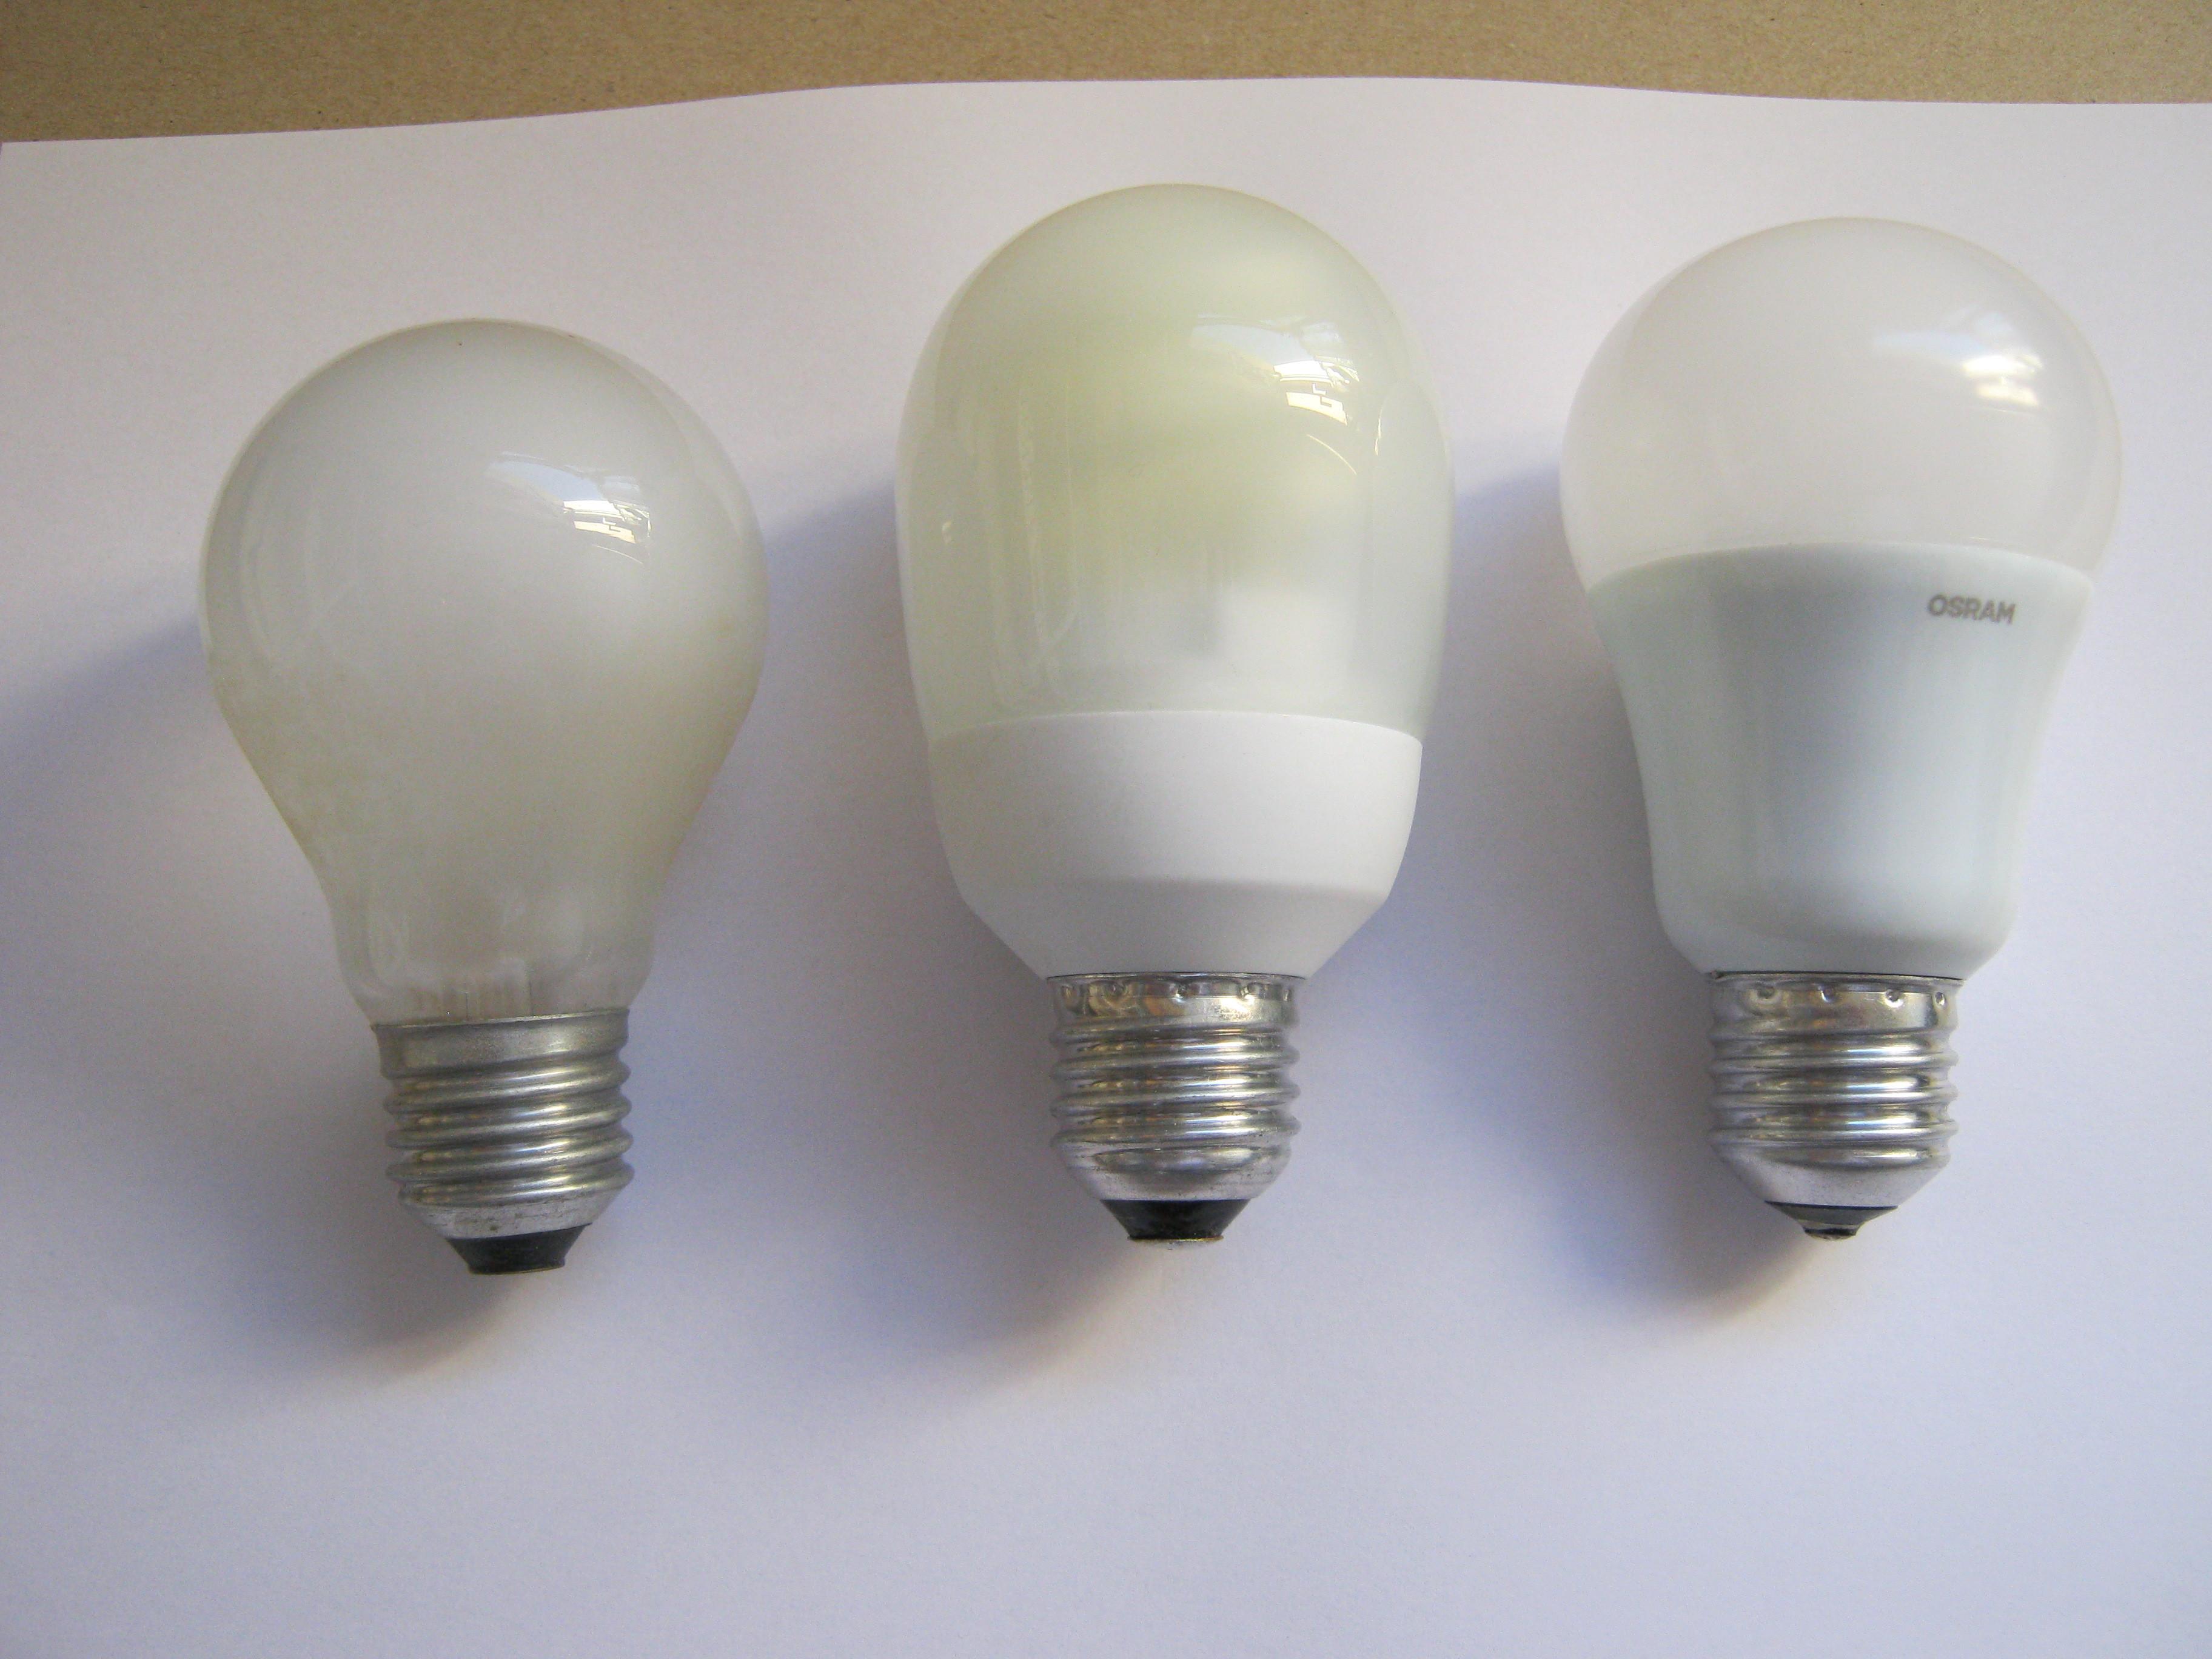 Glühbirne im siemens kühlschrank wechseln gluhbirne kühlschrank